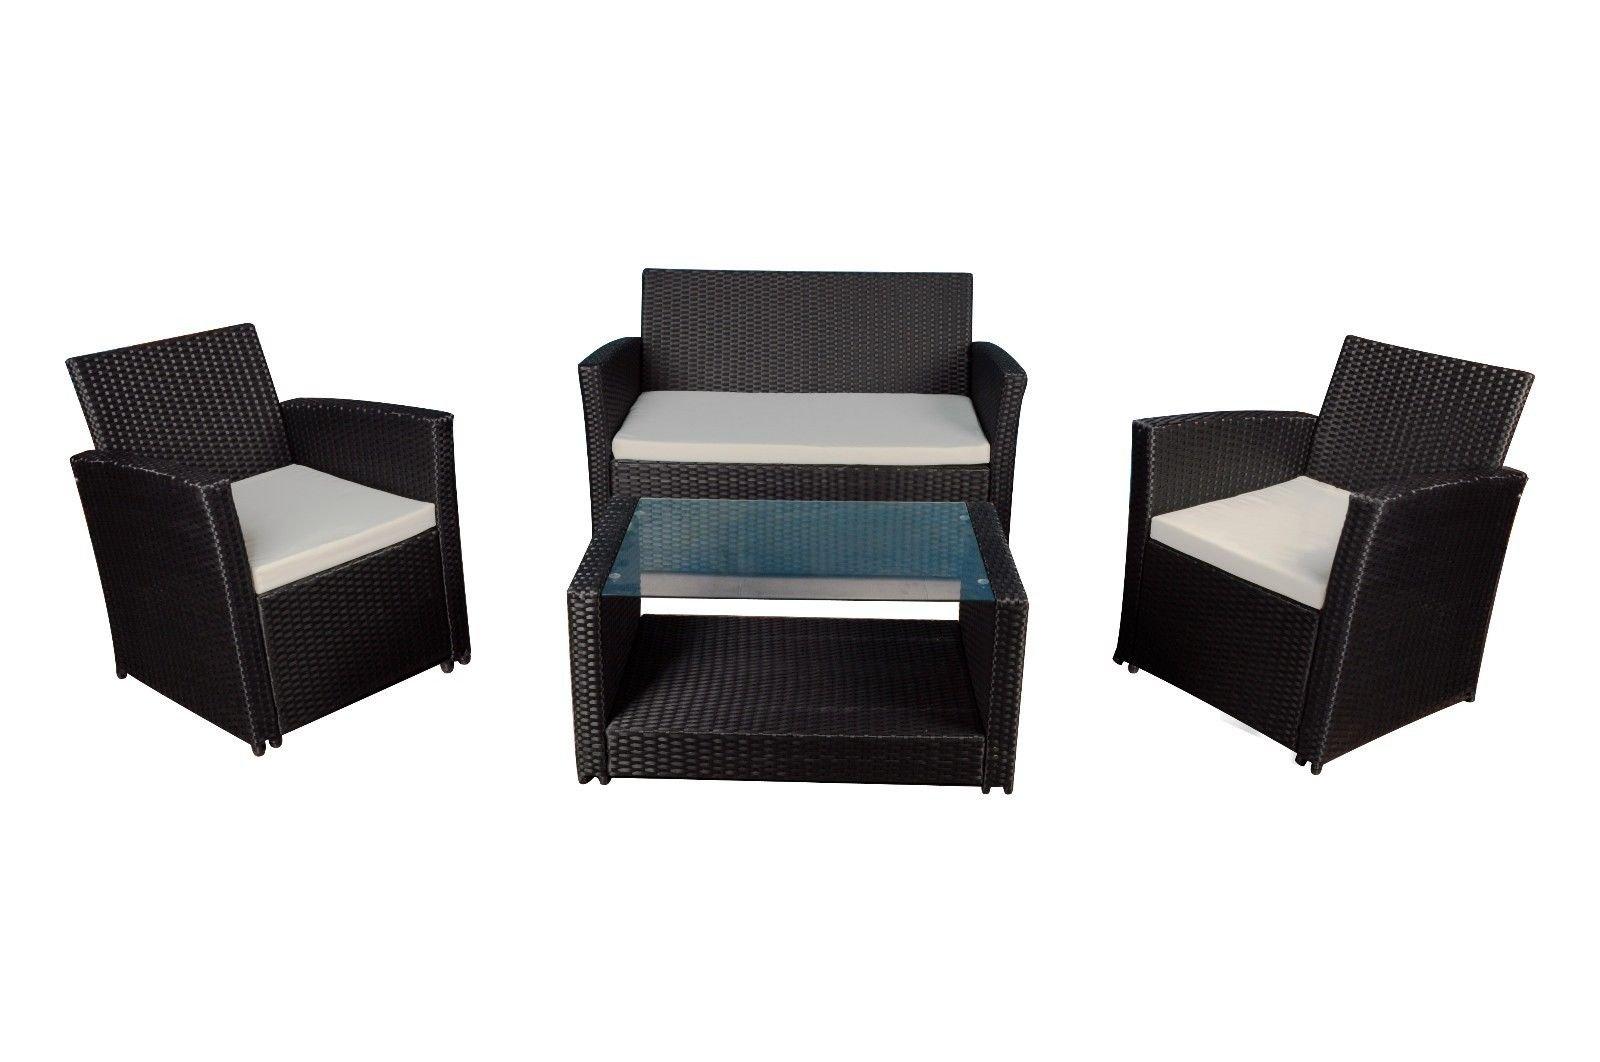 Modern Outdoor Garden Patio 4 Piece Set Wicker Sofa Furniture Black Ivory